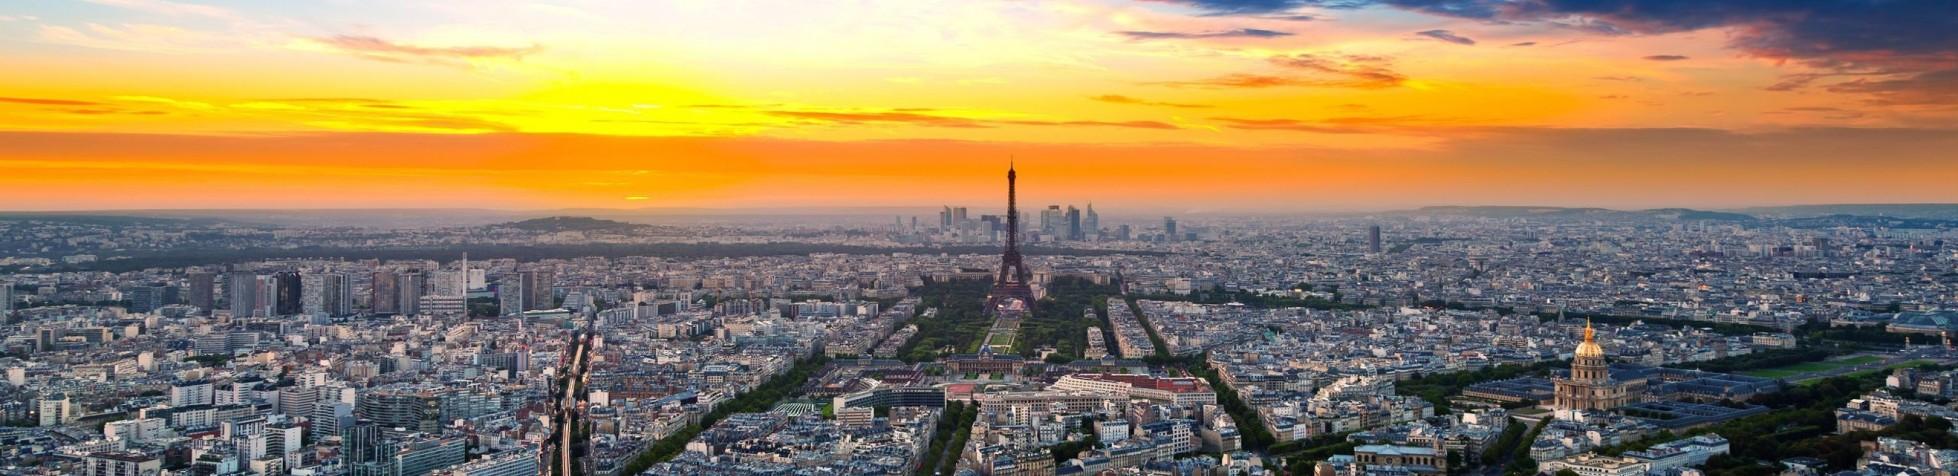 PARIZ NOVA GODINA 2019 AVIONOM